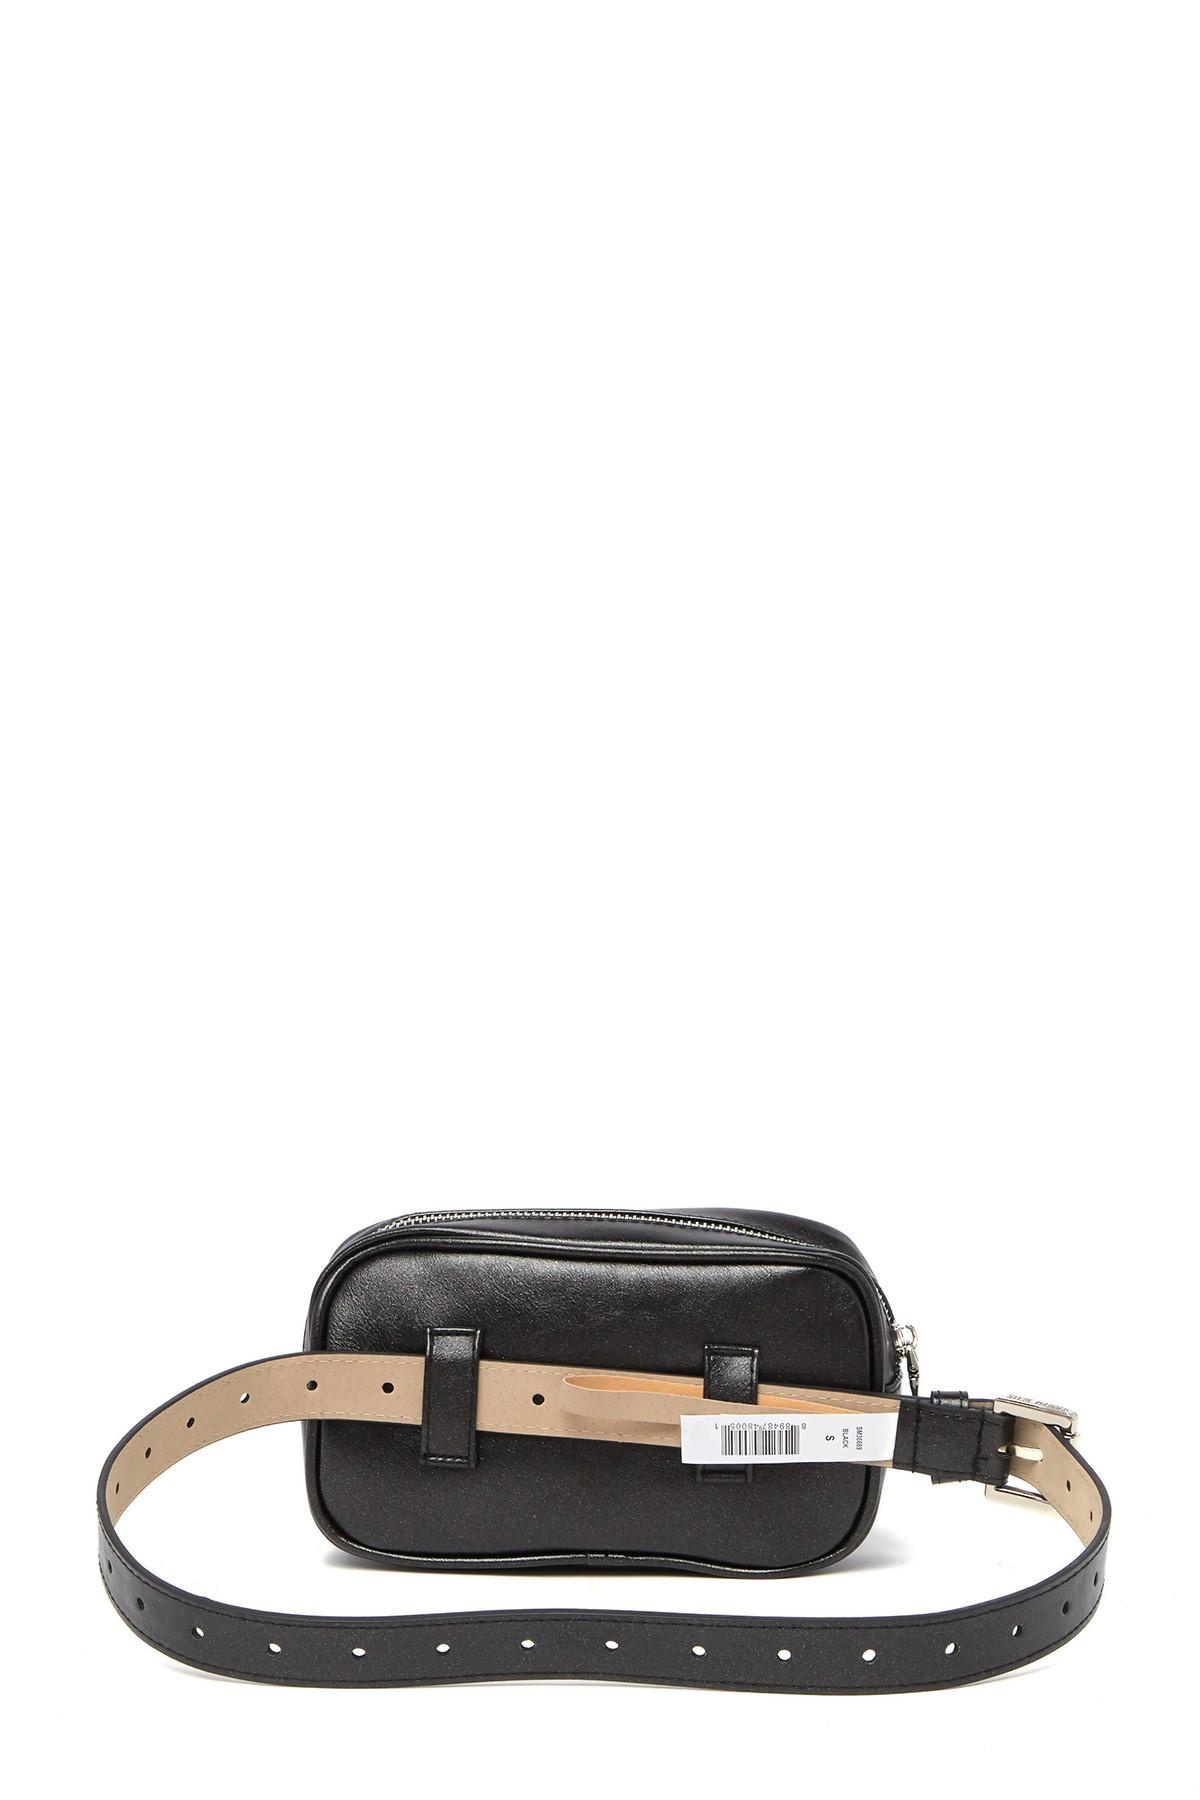 01dc62b8e94 Steve Madden - Black Square Studded Fringe Belt Bag - Lyst. View fullscreen